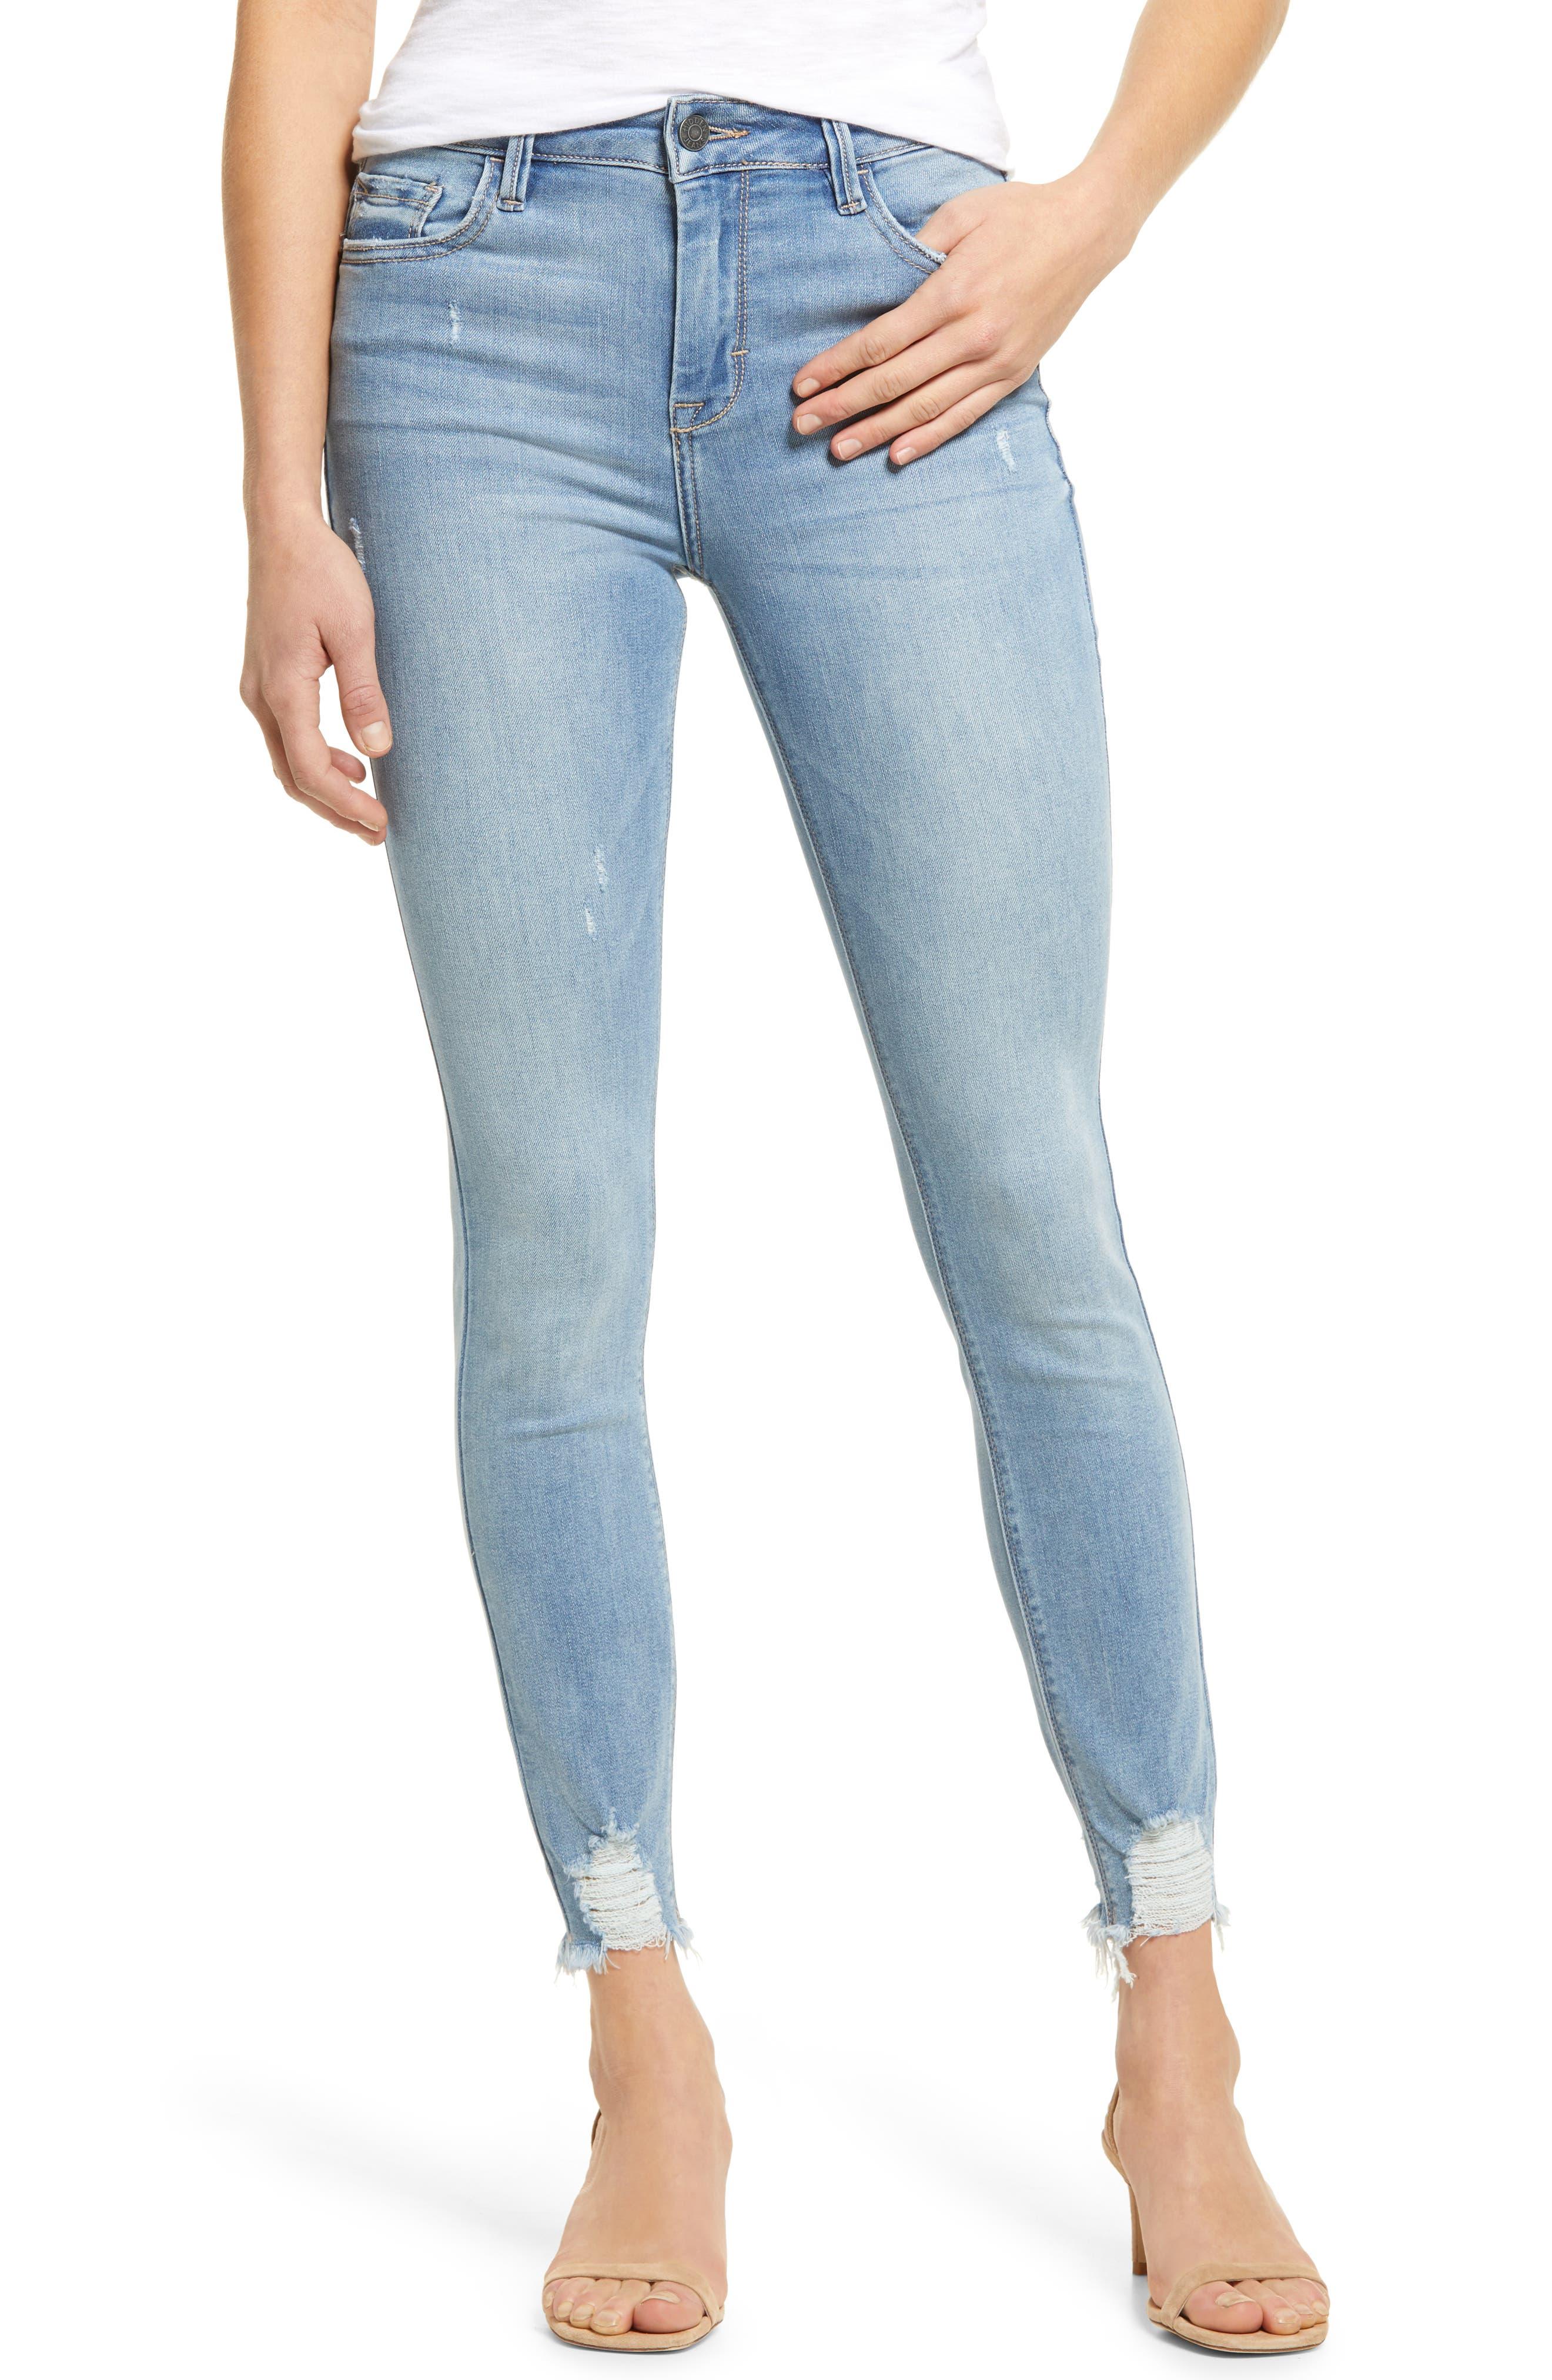 Grinded Hem Stretch Skinny Jeans